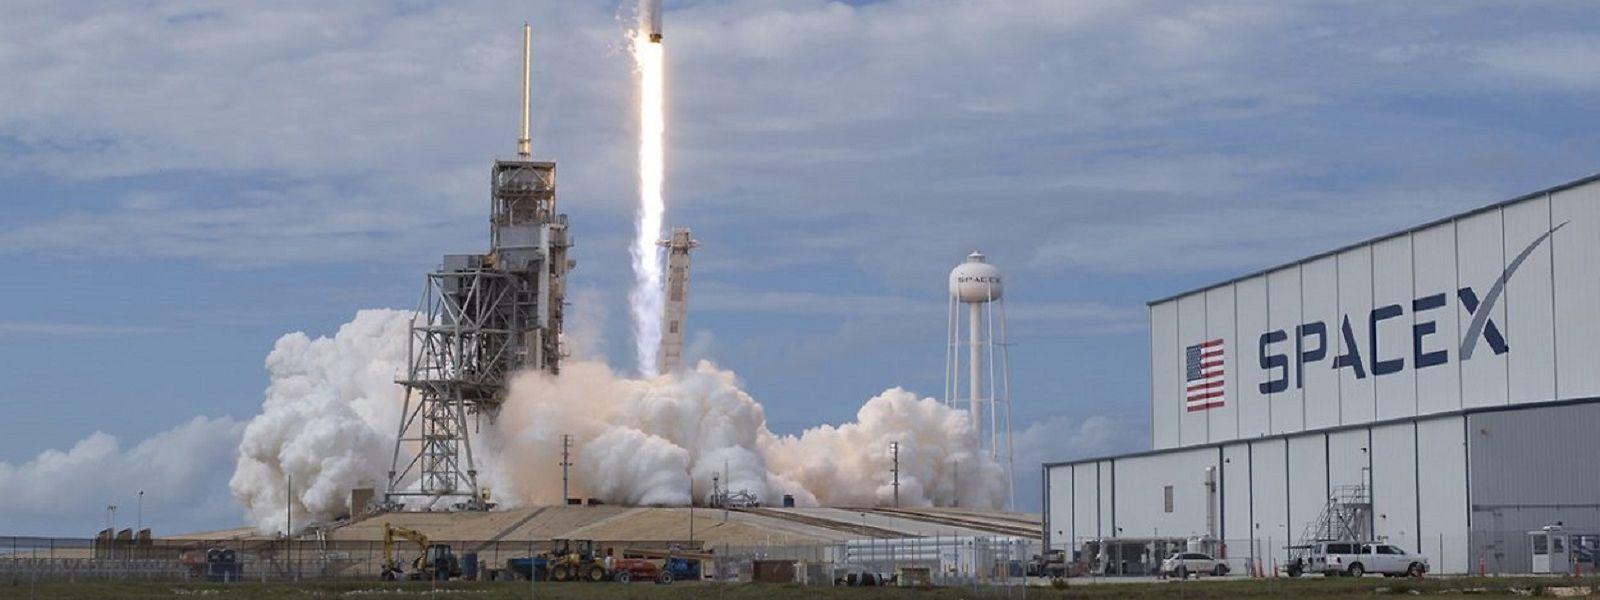 Le deuxième groupe de satellites doit être envoyé en orbite depuis les Etats-Unis, dans un appareil de la société SpaceX.